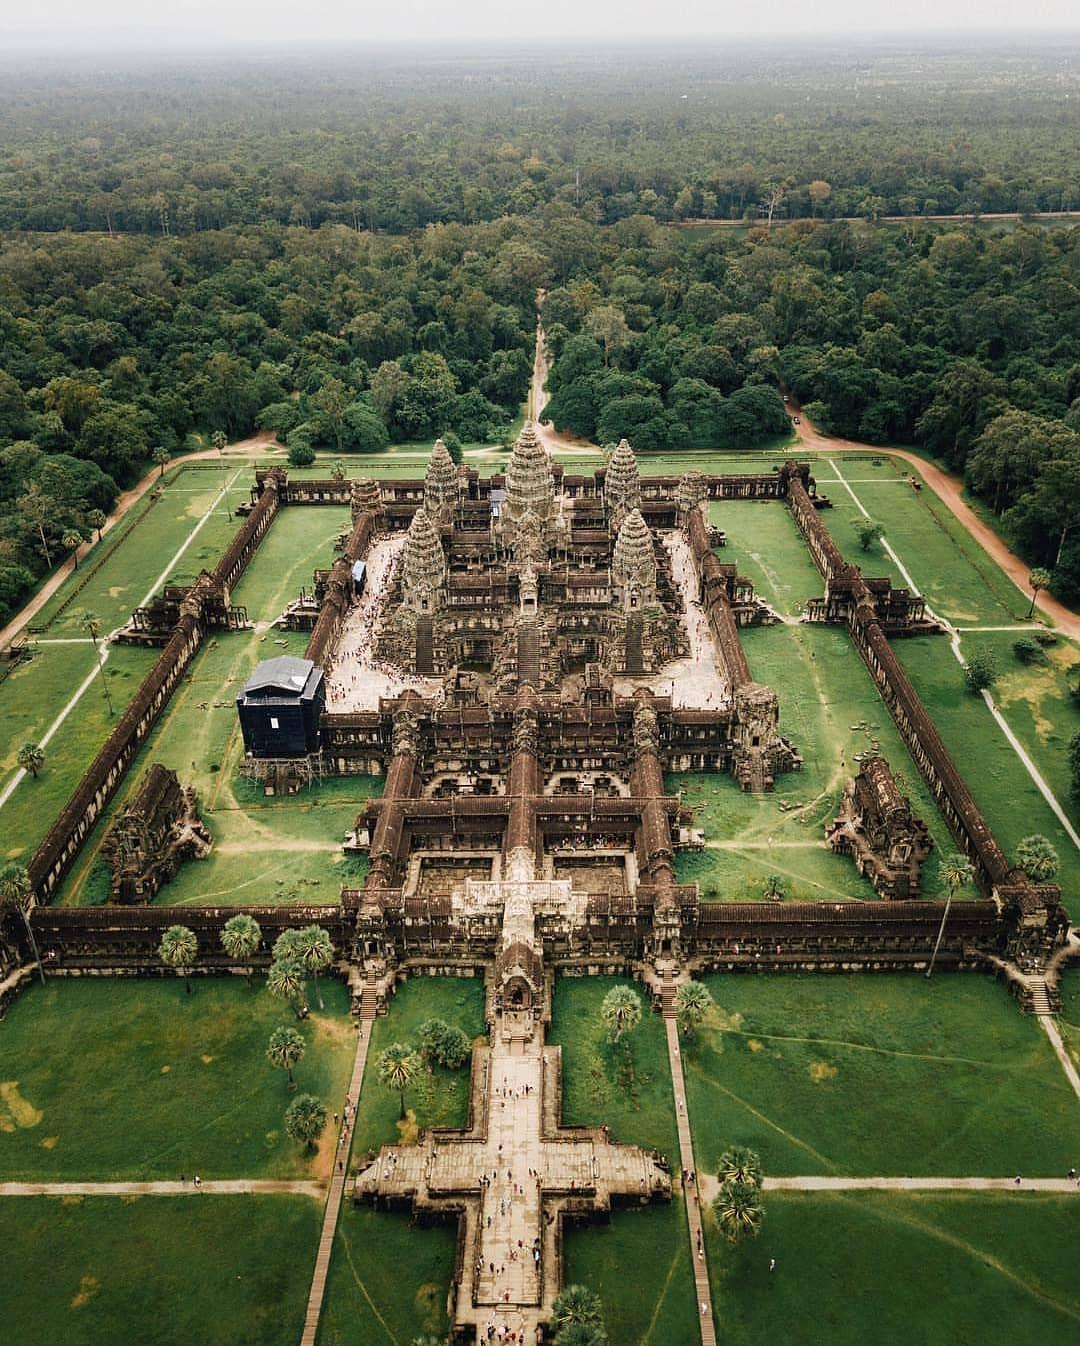 امپراتوری خمر در طول سیصد سال، یعنی از سال 900 تا 1200 میلادی، شاهکارهای باشکوه معماری جهان را در کرانههای شمالی دریاچهی بزرگ کامبوج، انگکور وات، پدید آورد.